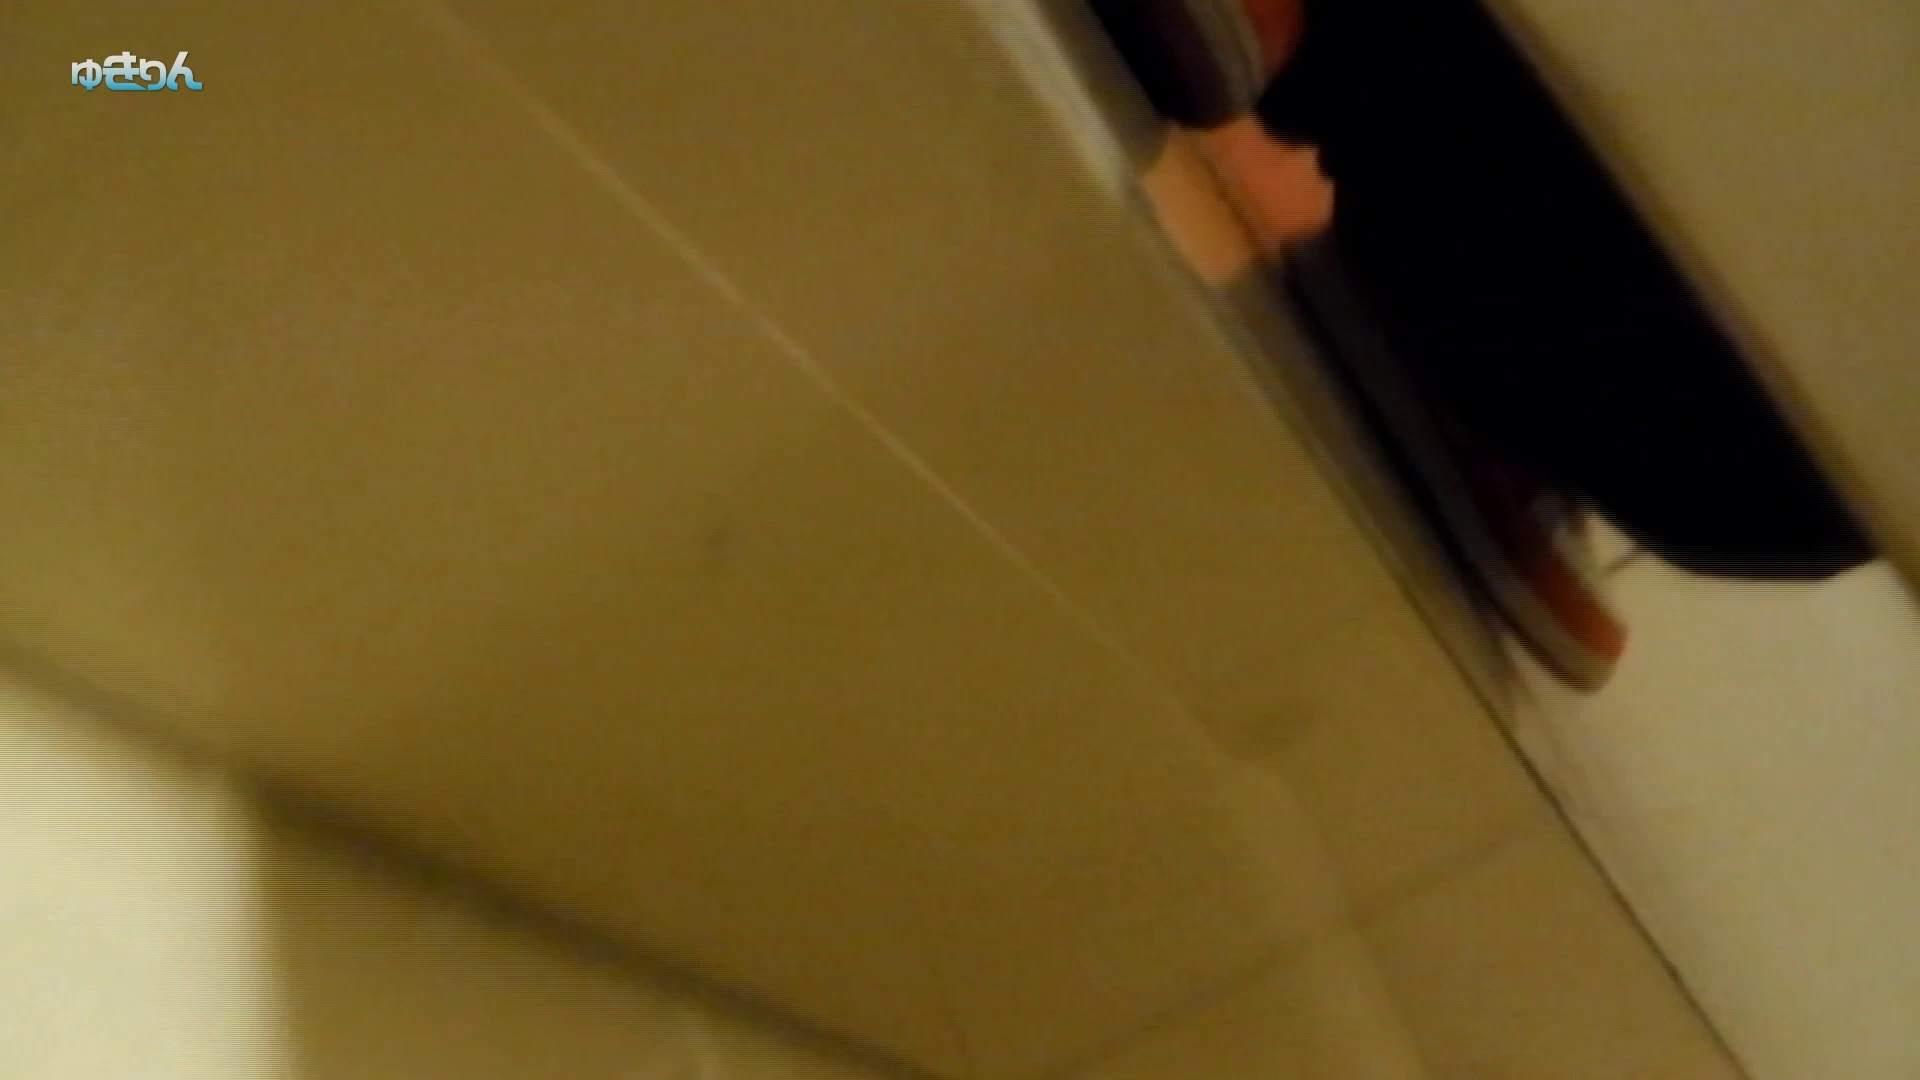 新世界の射窓 No81 制月反さん登場!! お姉さん攻略 すけべAV動画紹介 106画像 46